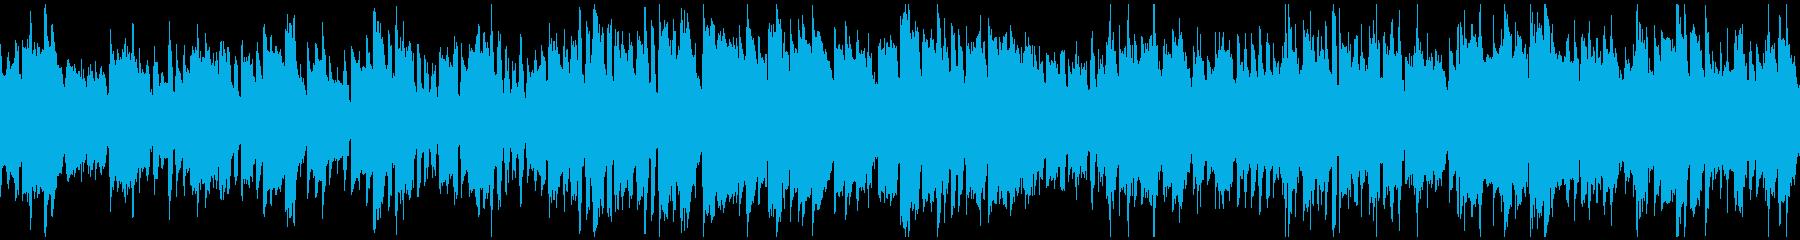 ほのぼのRPGの村(ファンタジー)ループの再生済みの波形